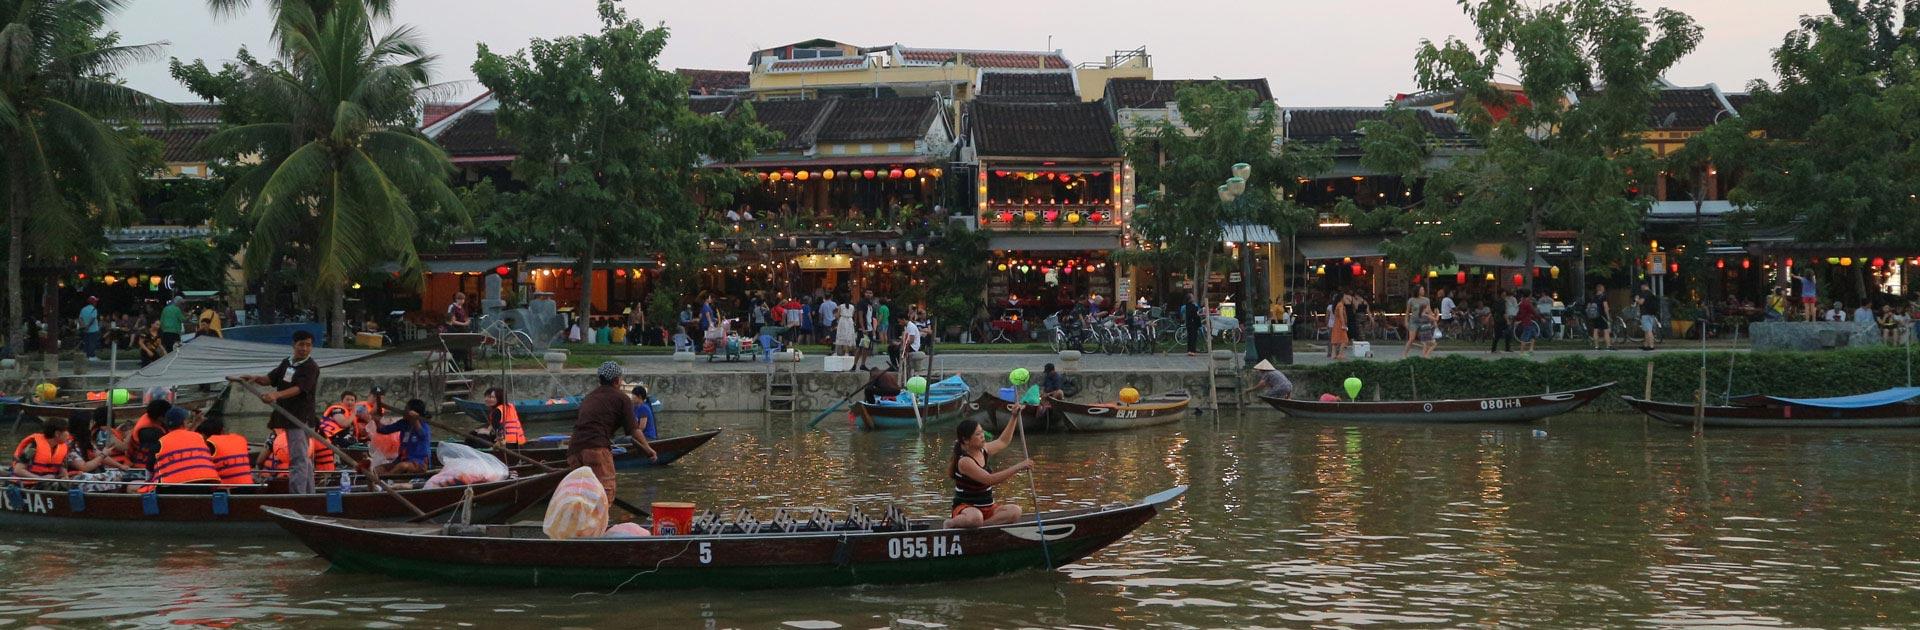 KHVN Vietnam y Camboya de Sapa a Siem Reap 16 días 2.